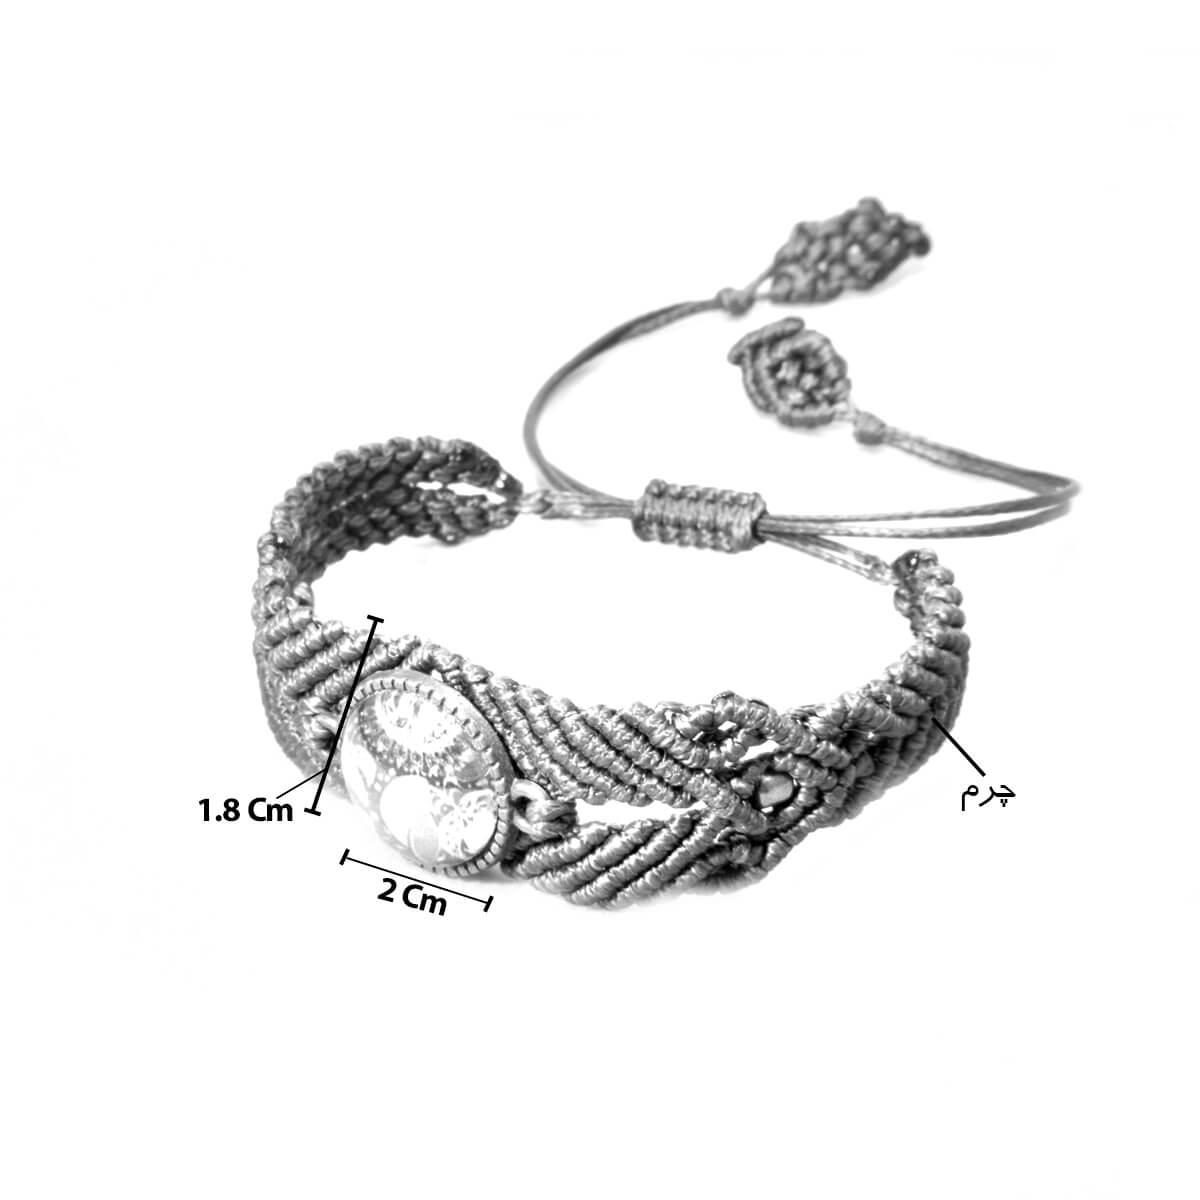 دستبند نخی کدRE001با بافت قوی که دارد میتواند در روزمره شما مورد استفاده قرار گیرد و به شما برای ست کردن آن با لباس های مختلف کمک کند.